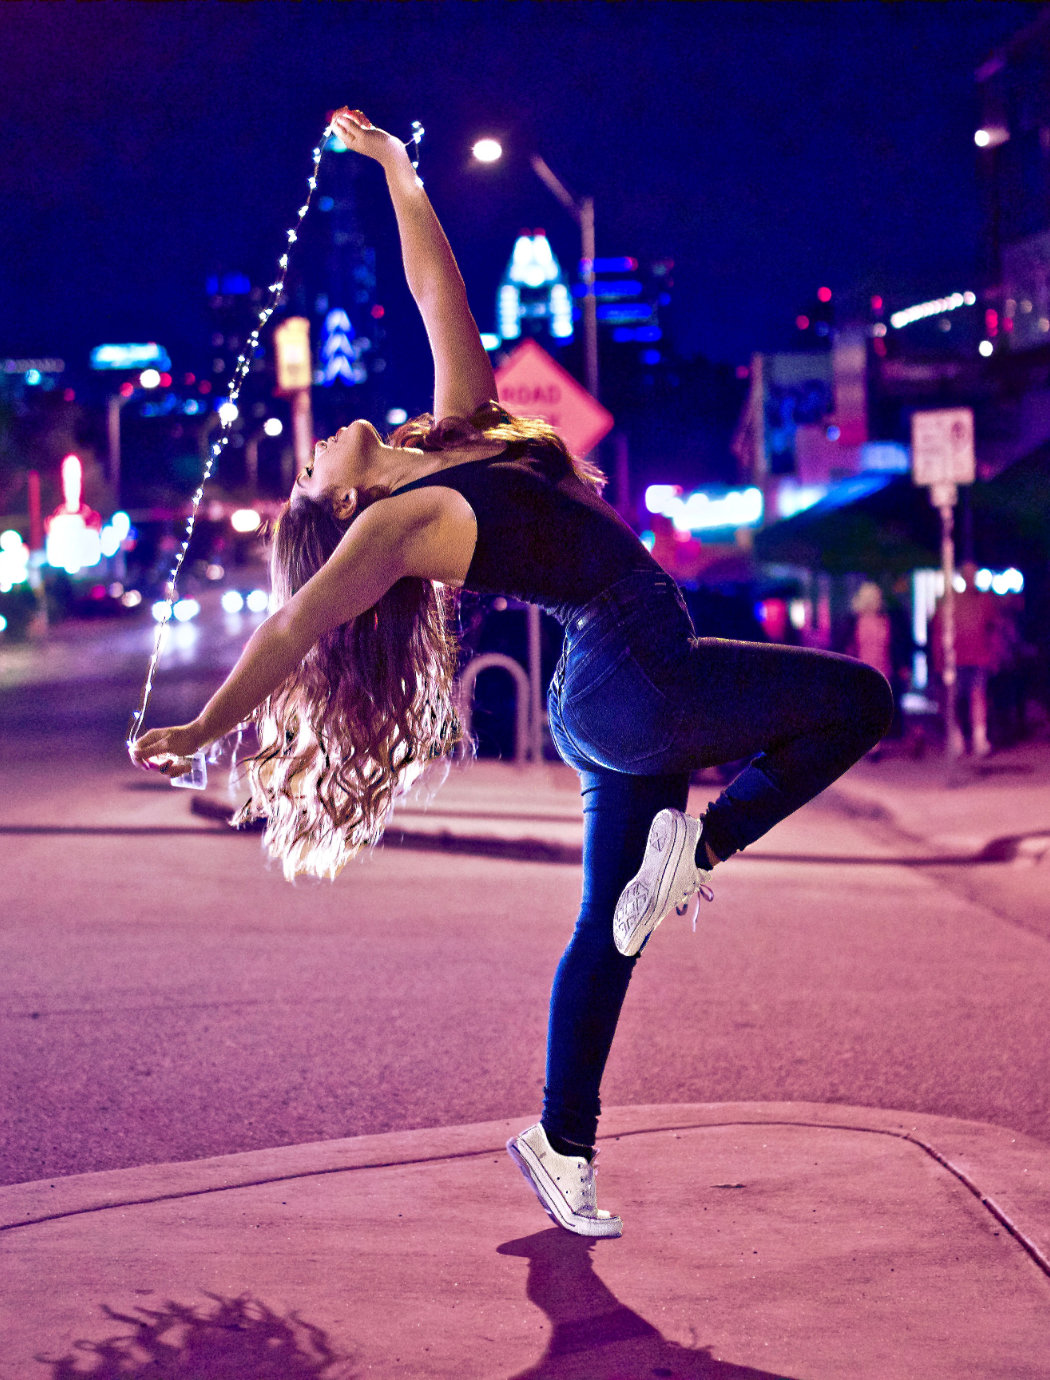 Tanzschule Daniel Kara - Grenzenlose Tanzleidenschaft